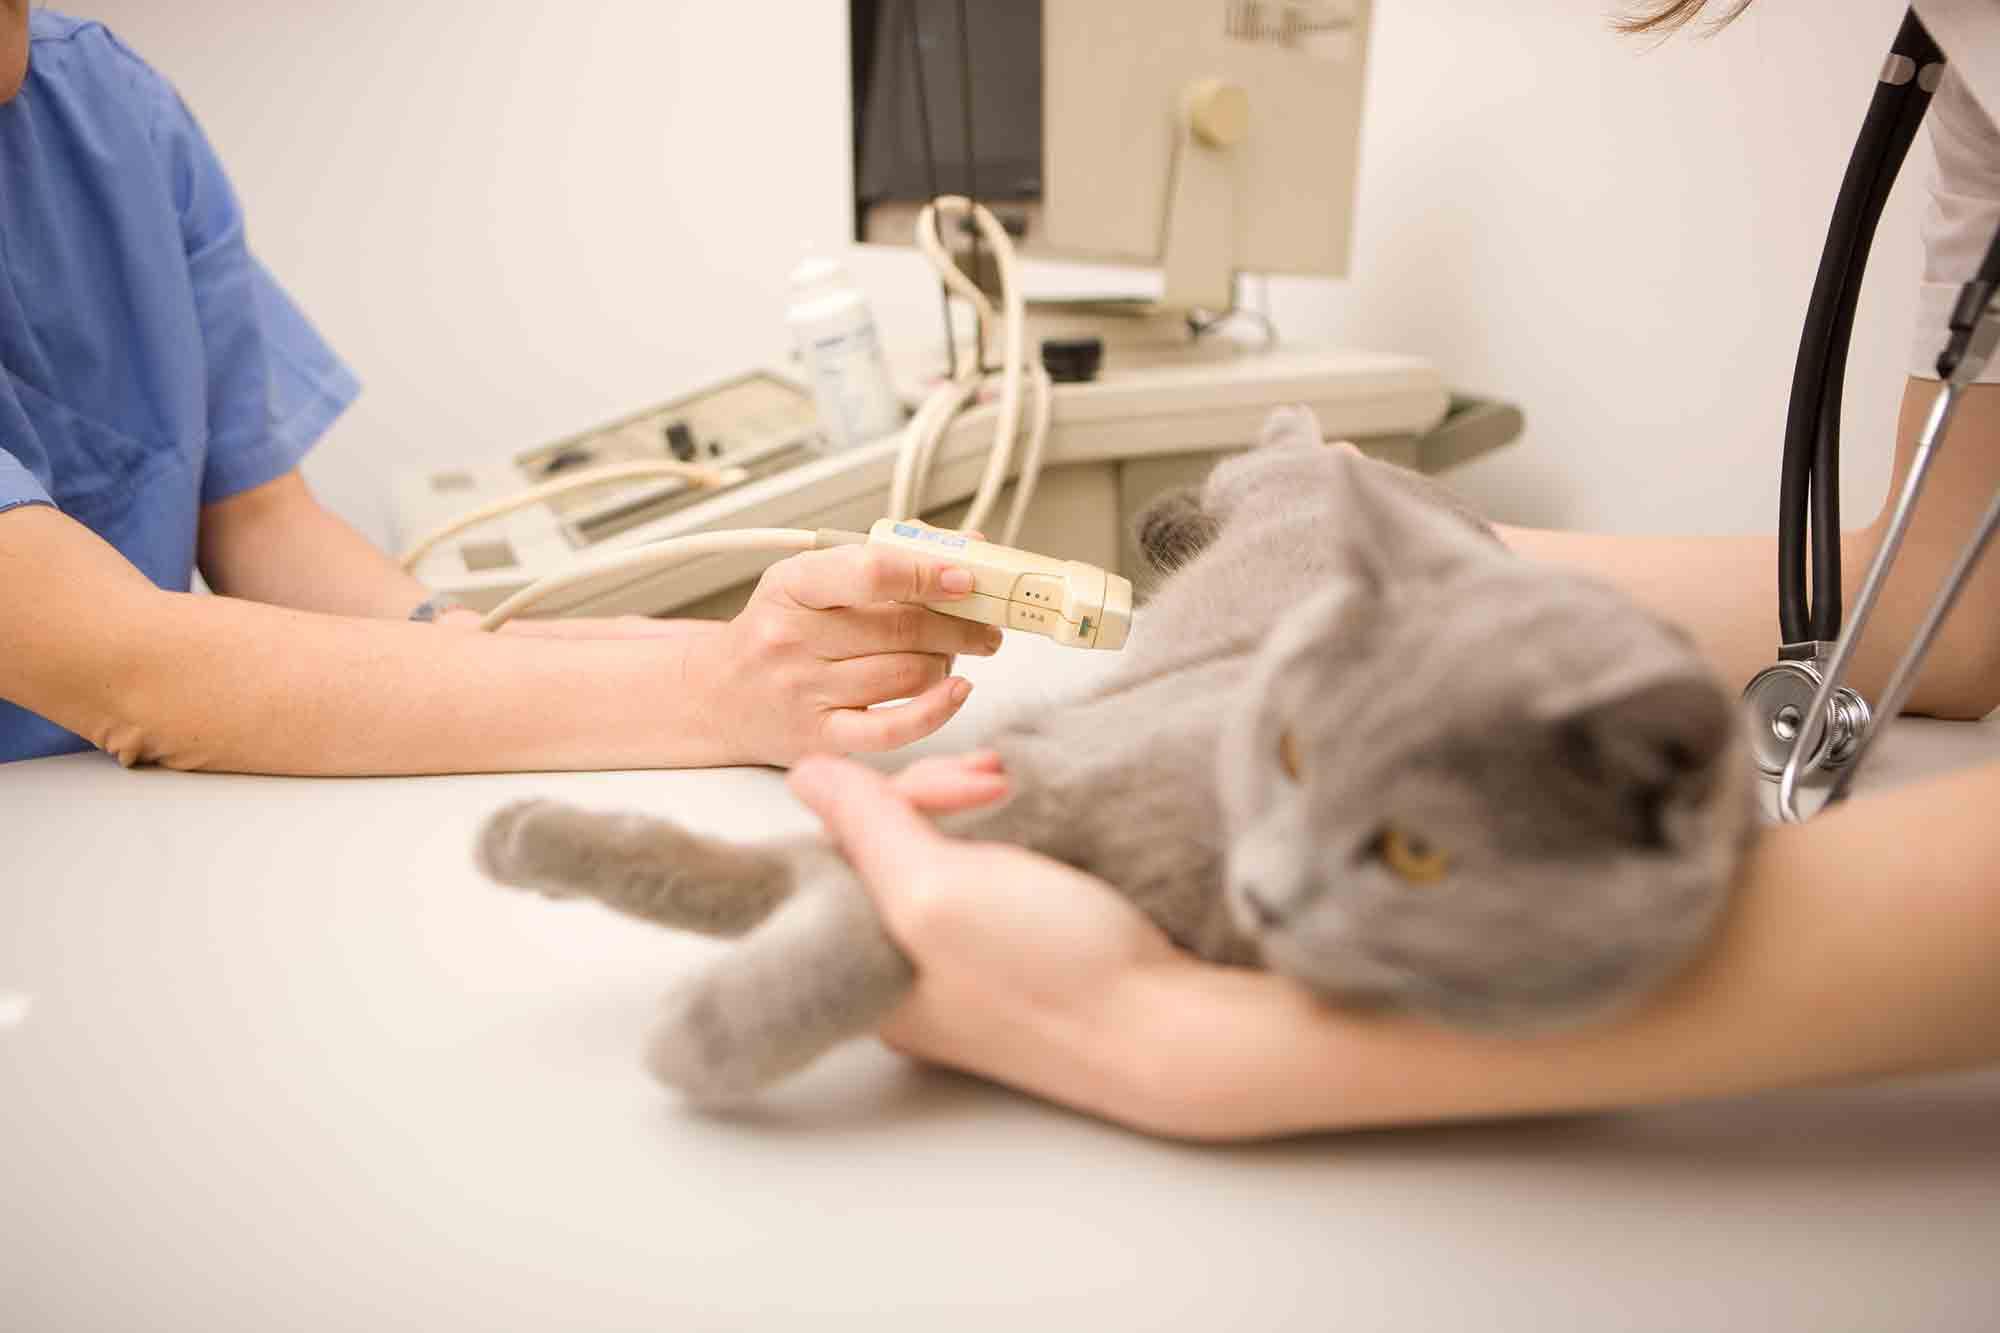 Как усыпить собаку: препараты для эвтаназии, можно ли осуществить процедуру в домашних условиях - kotiko.ru